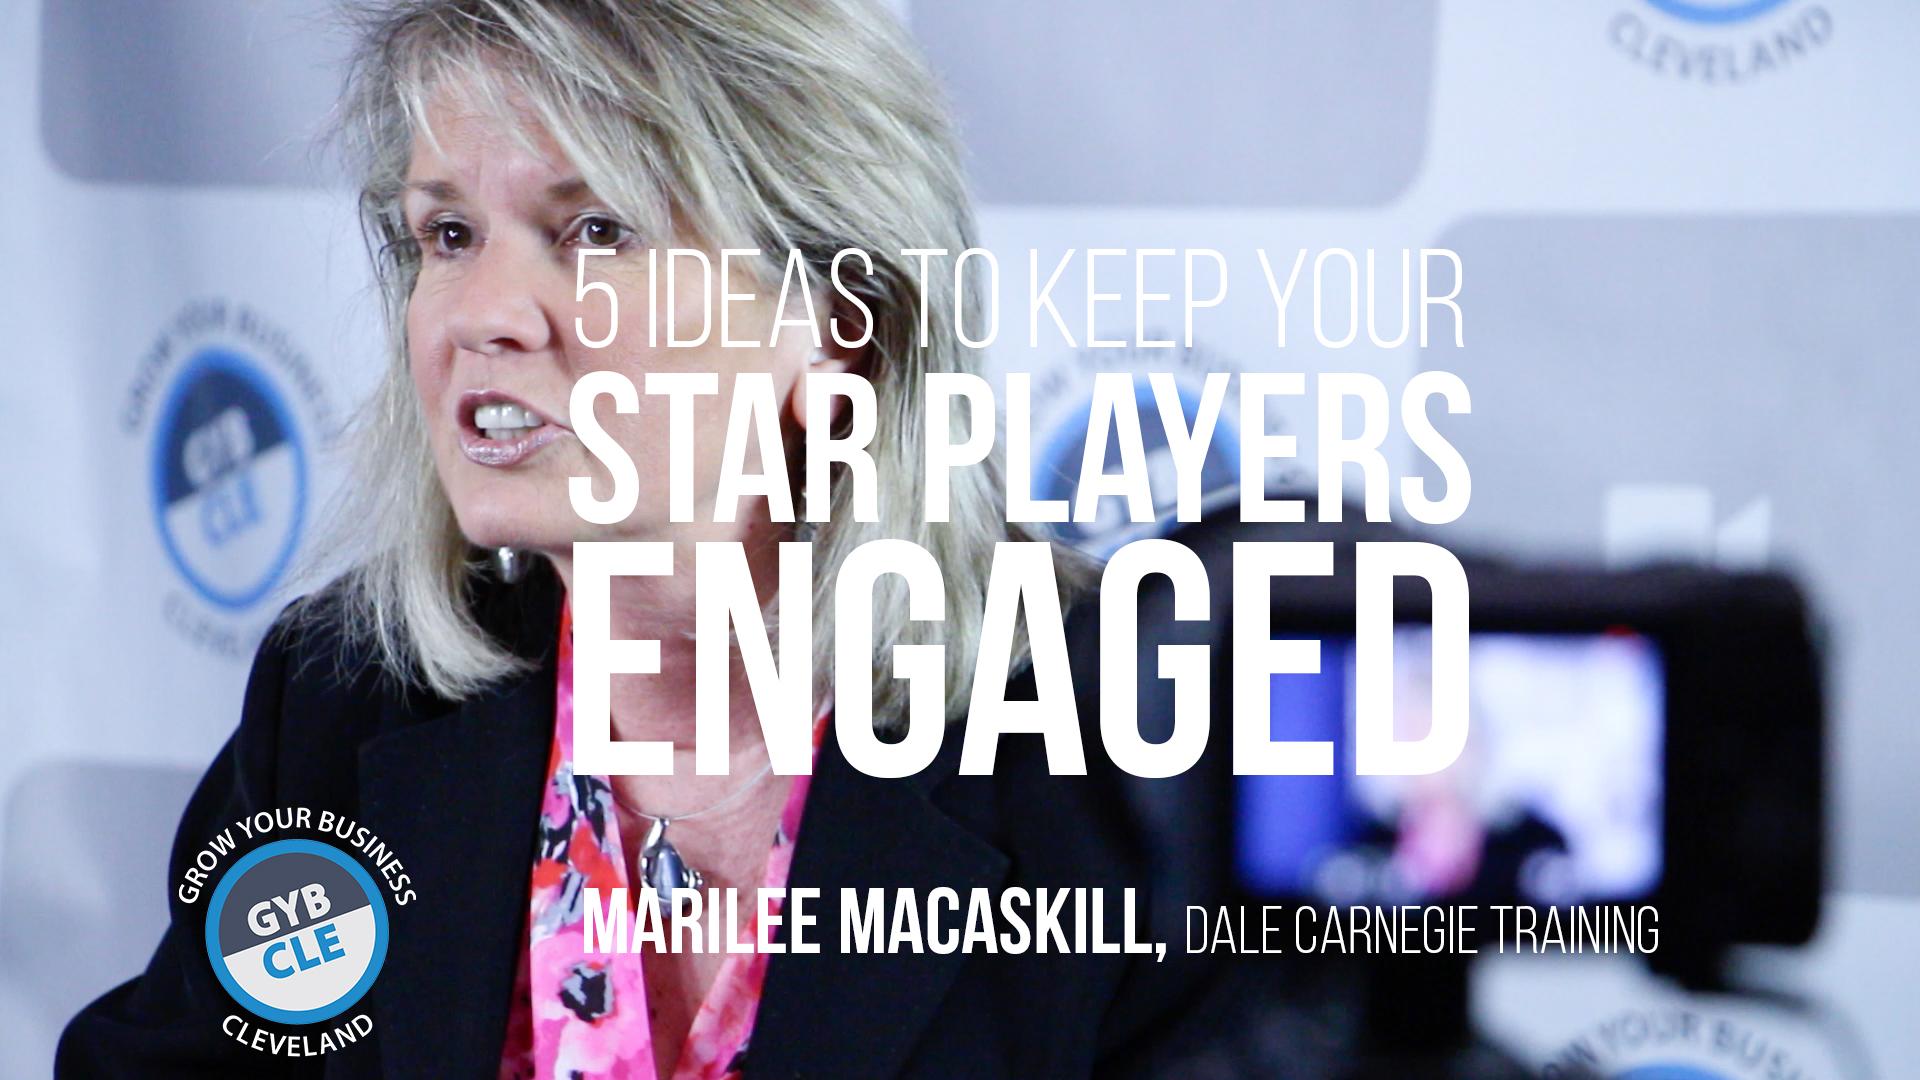 Marilee MacAskill